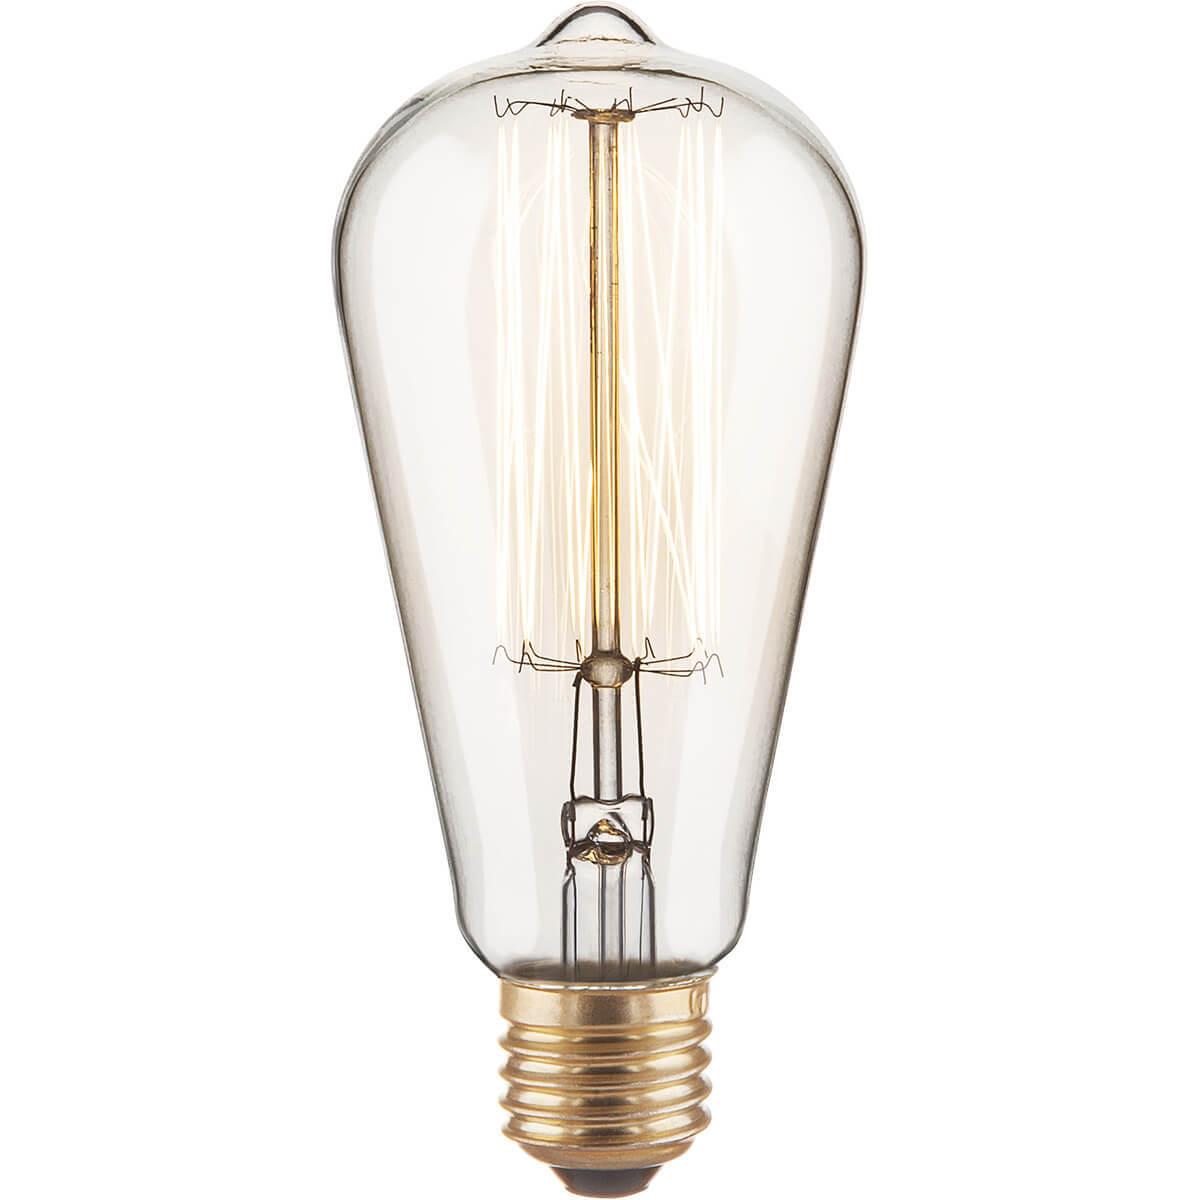 Лампочка Elektrostandard 4690389082153 Ретро лампа Эдисона (Диммирование)